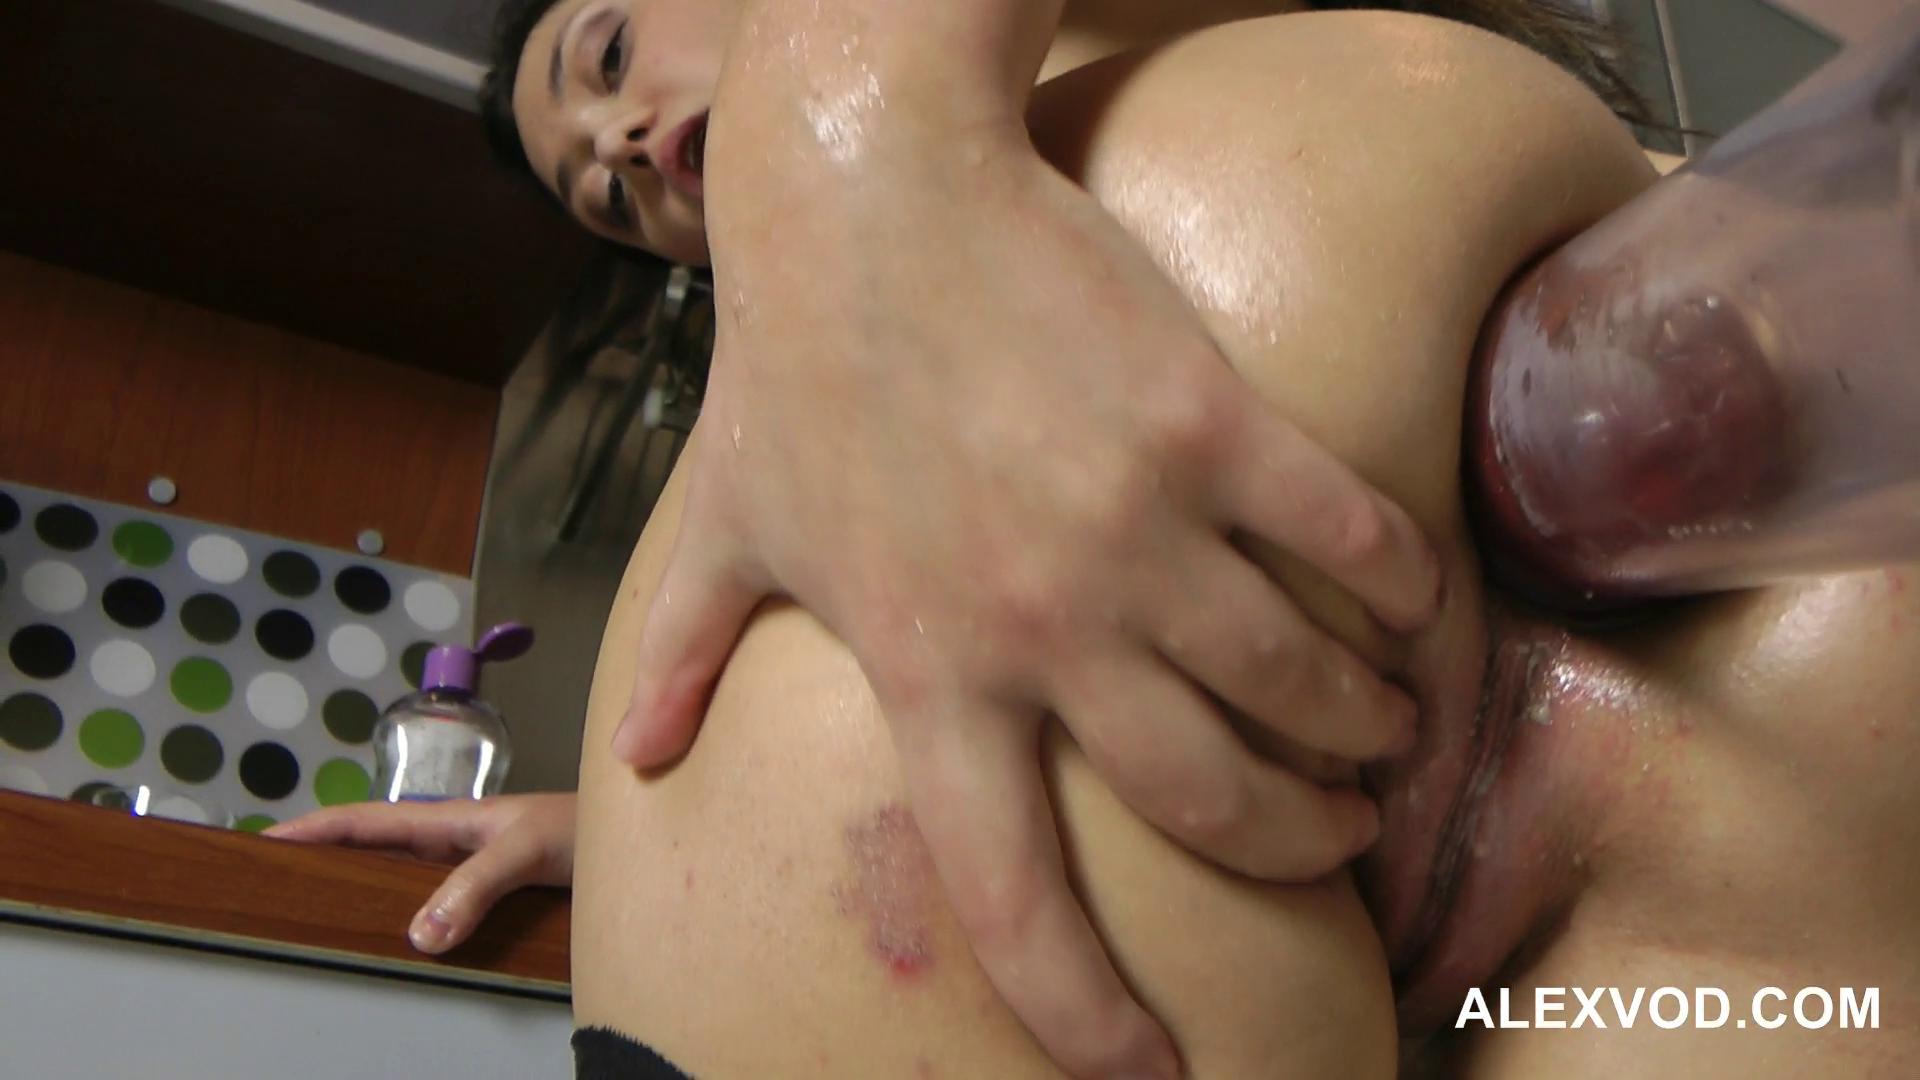 Порно засовывают руку до локтя домины порно